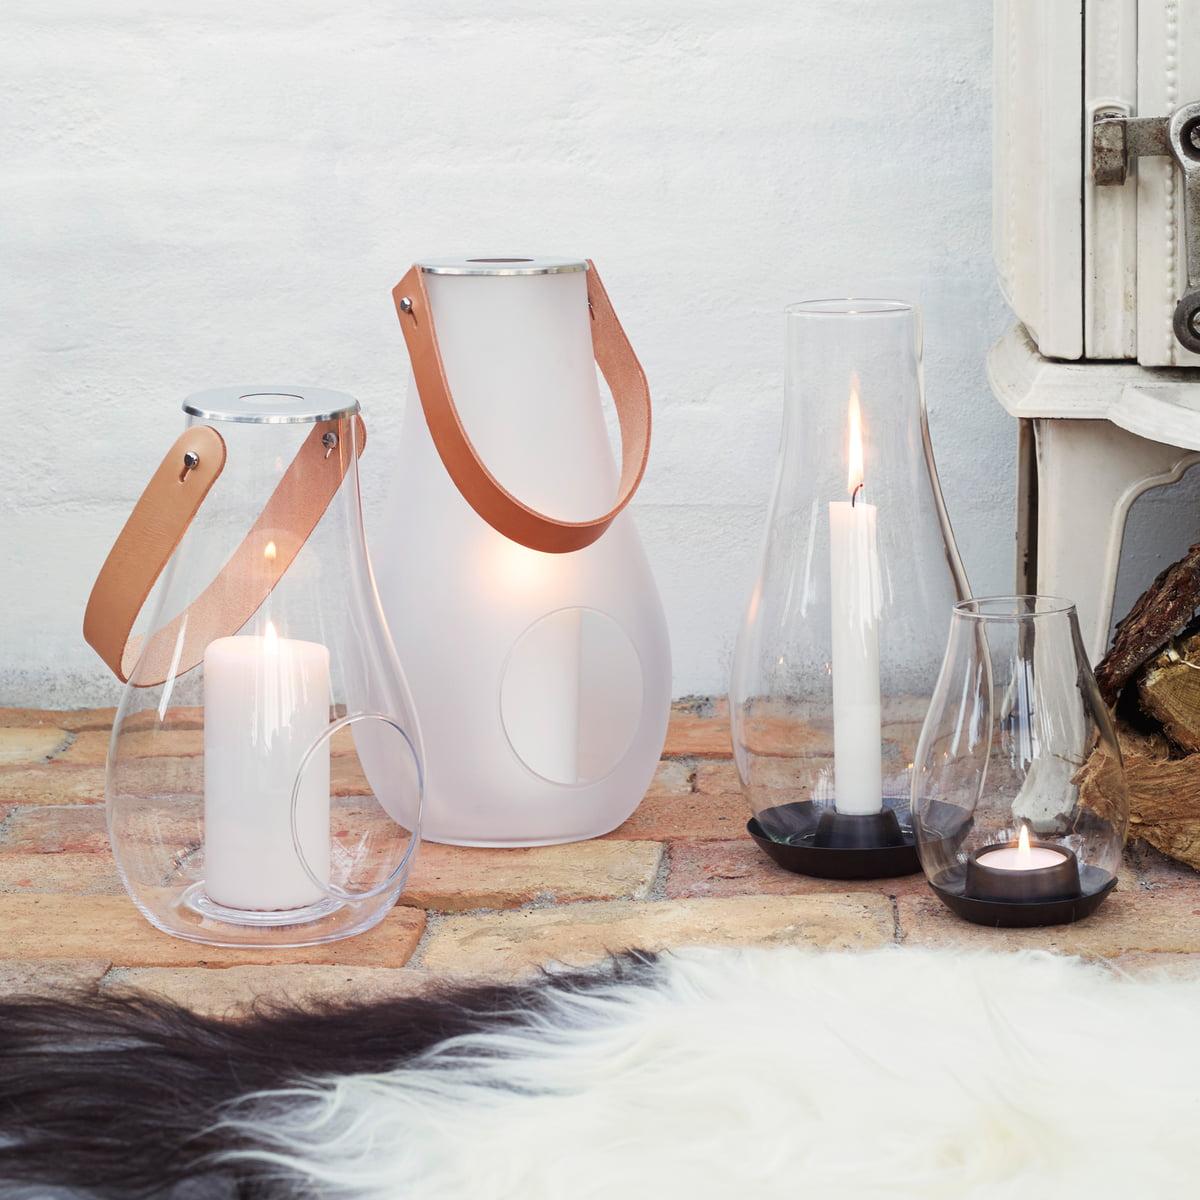 holmegaard design with light The Holmegaard Design with light candleholder holmegaard design with light